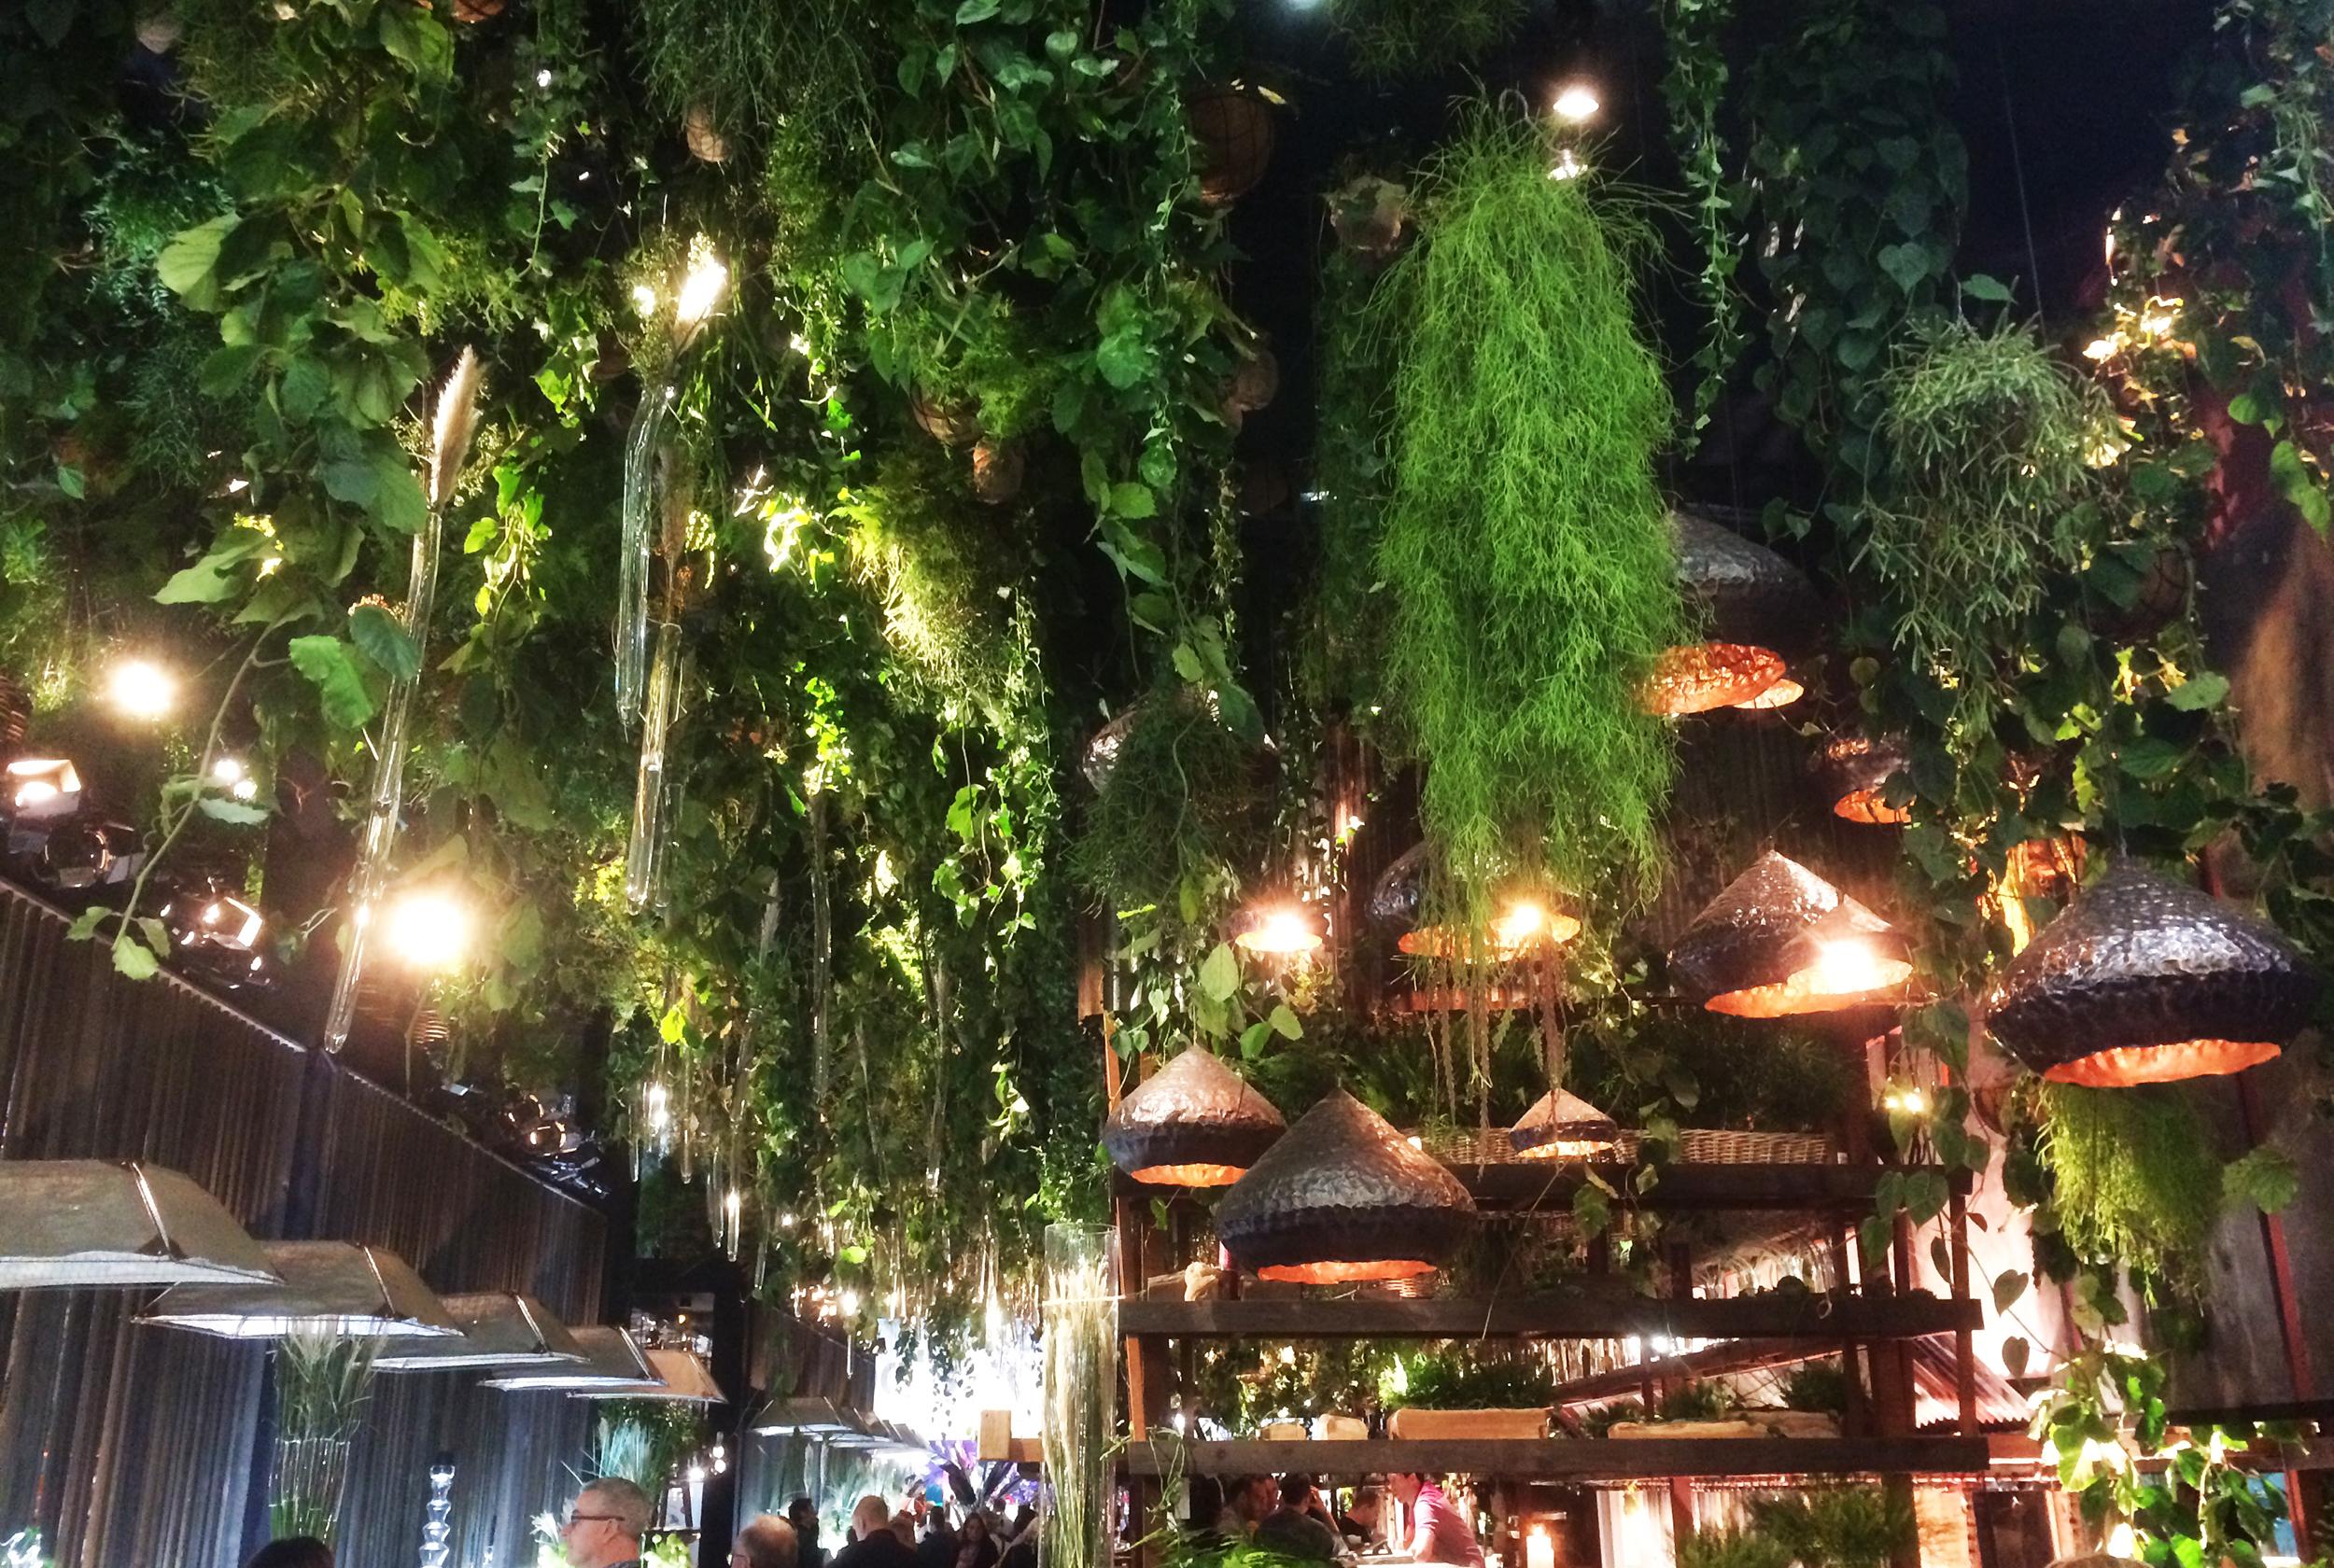 Une nature luxuriante et moniprésente en particulier au plafond avec une profusion de plantes suspendues